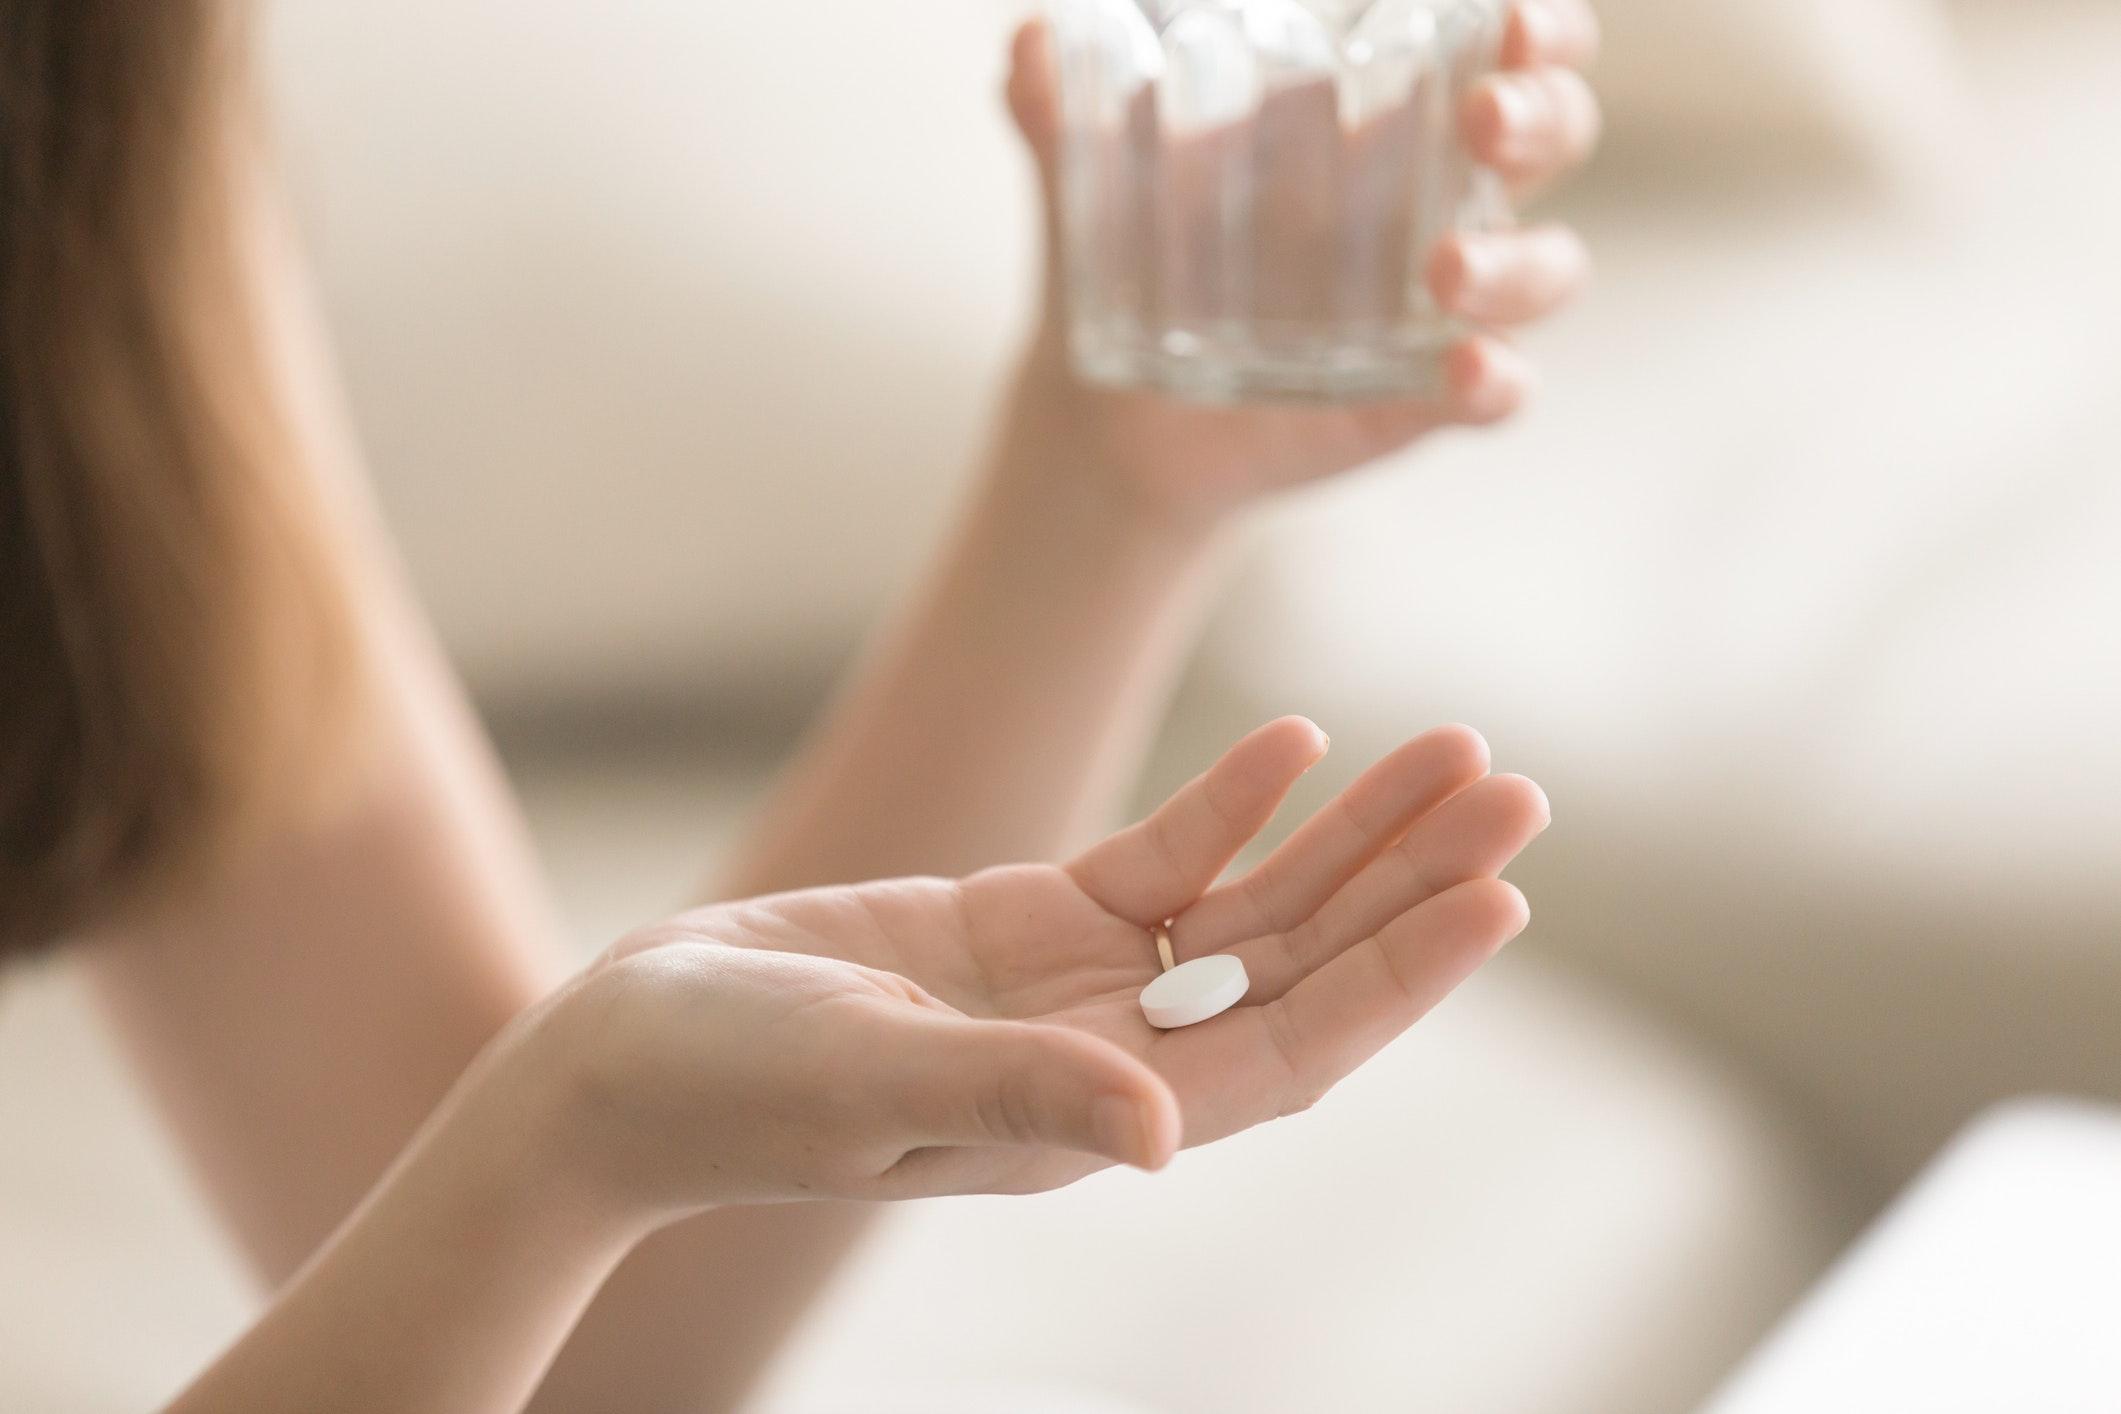 modne kvinder film blive gravid efter p piller